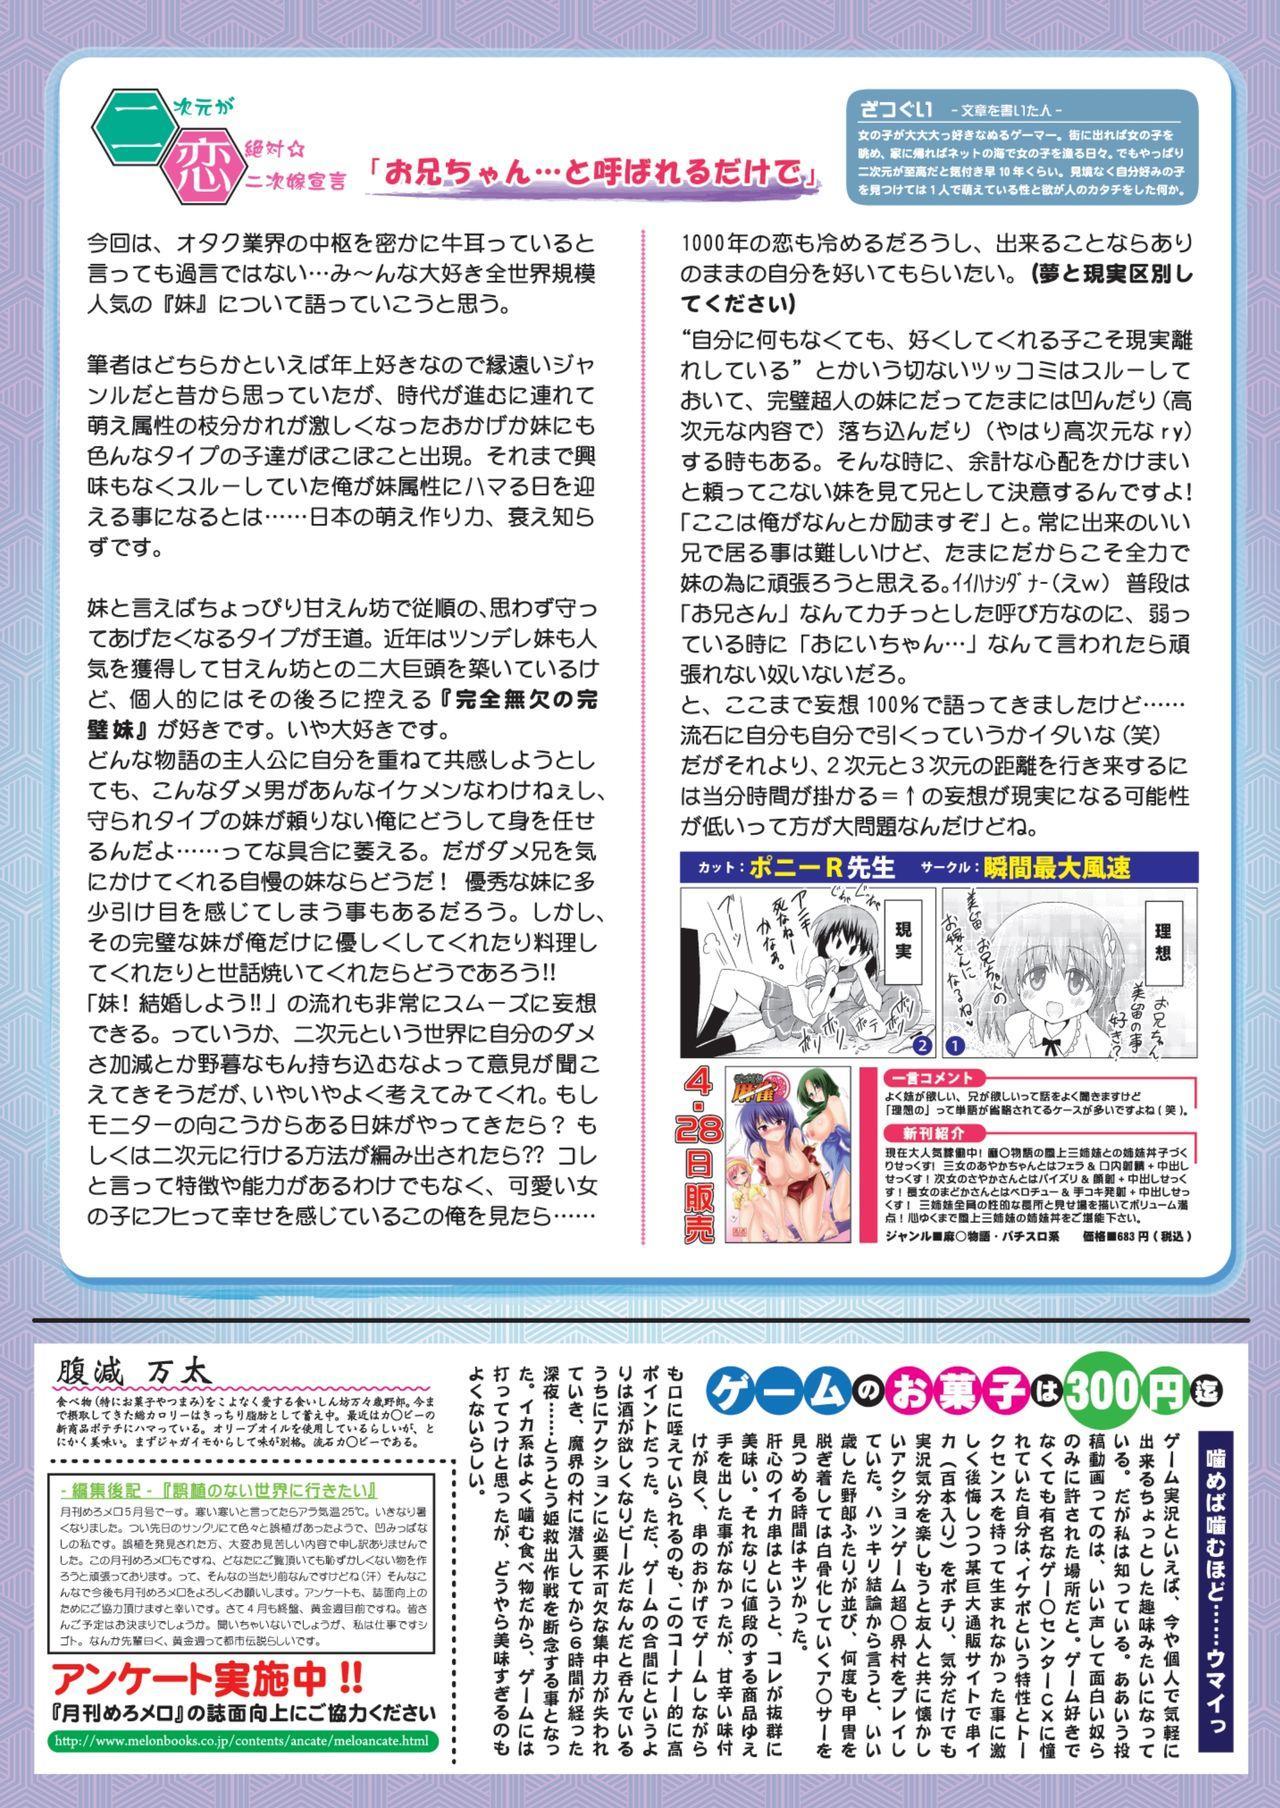 月刊めろメロ 2013年5月号 16